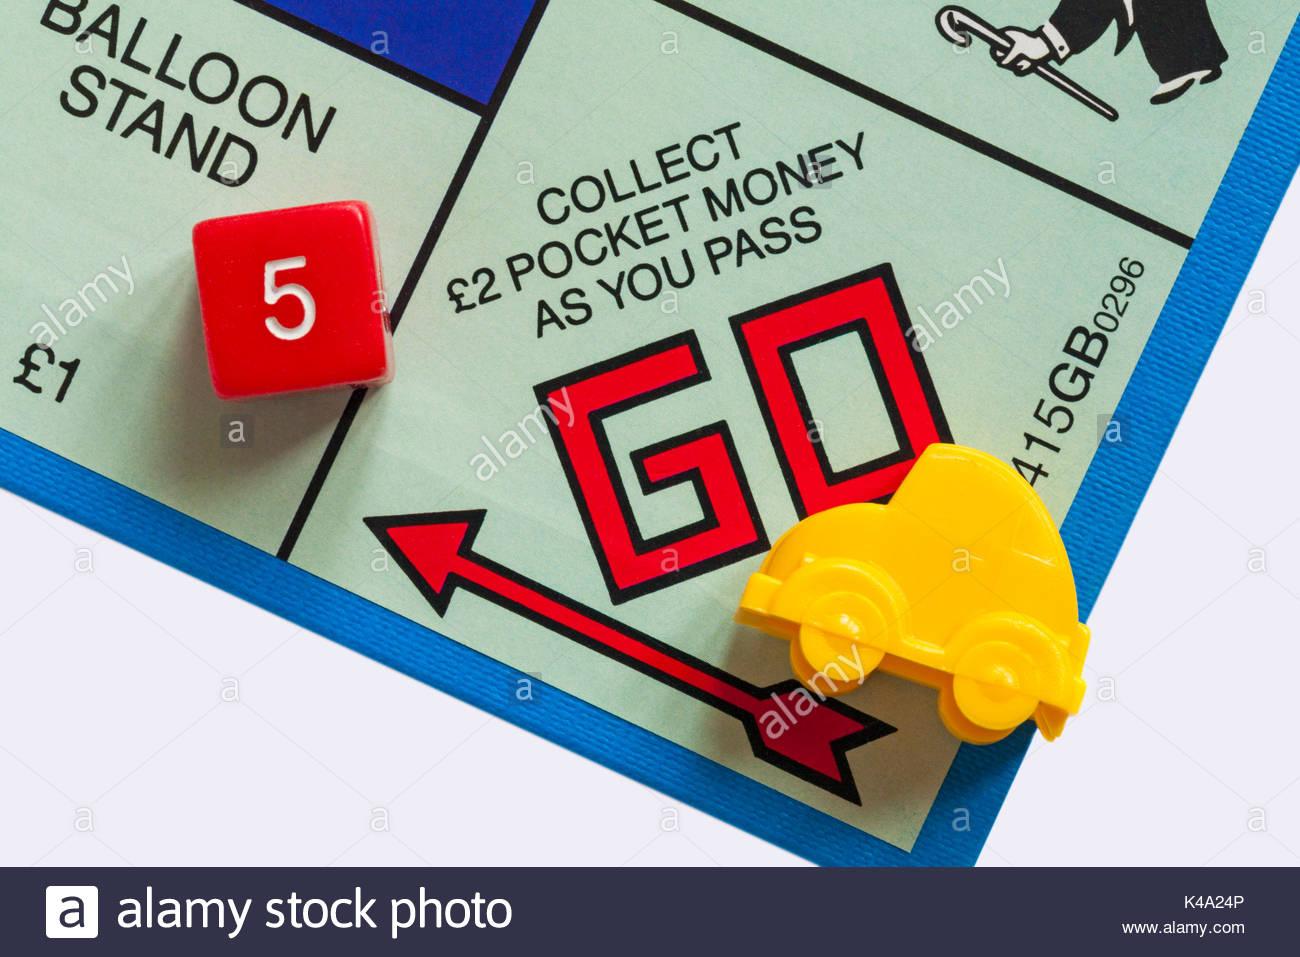 Jeu De Monopoly Junior - Détail De Voiture Jaune Jeton Sur concernant Jeux De La Voiture Jaune